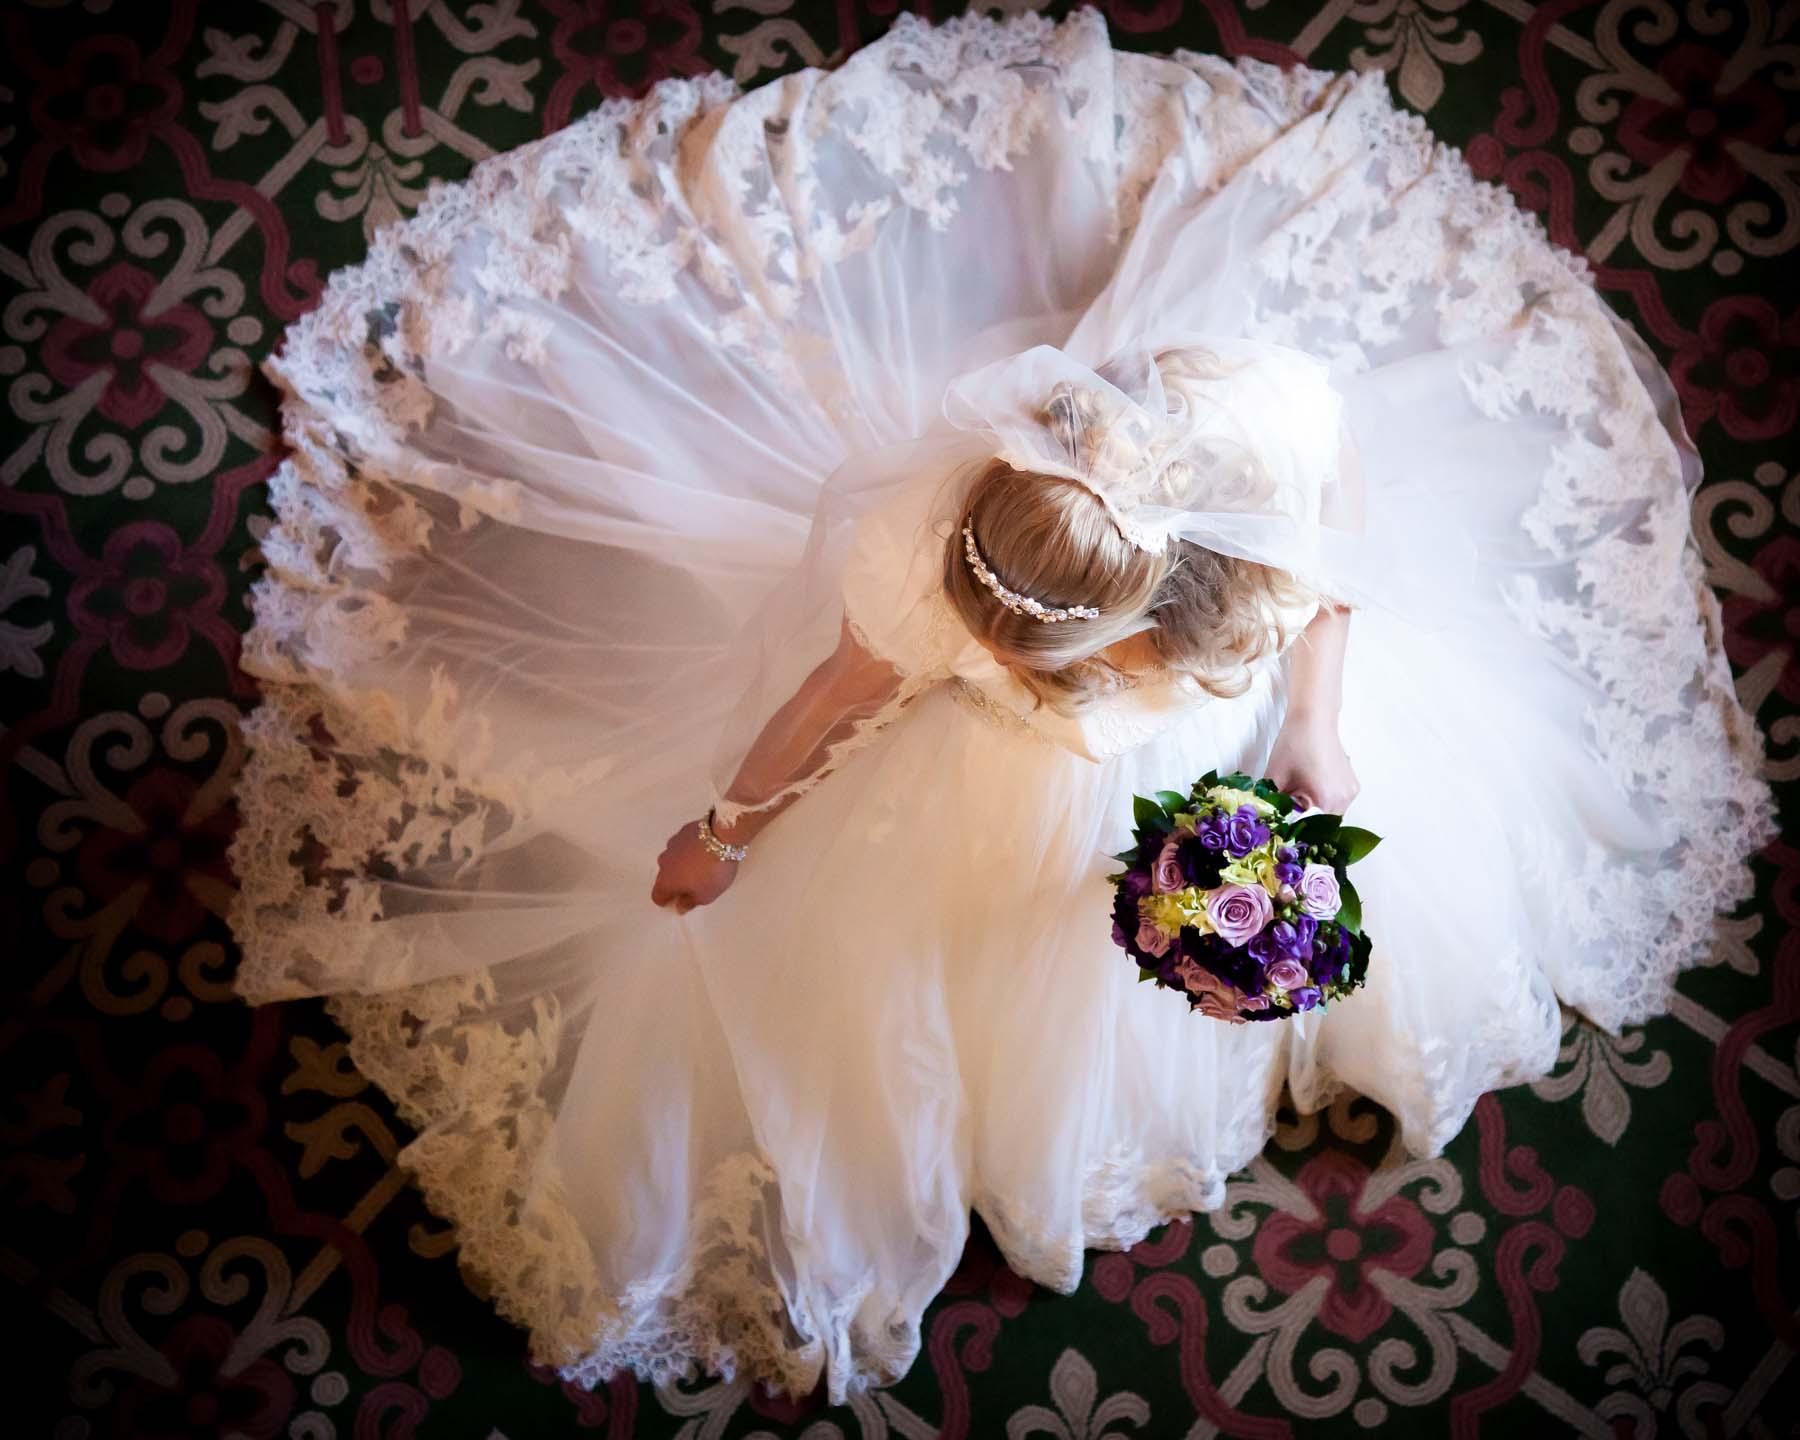 خواتم زفاف مميزه ..لعروس مميزه